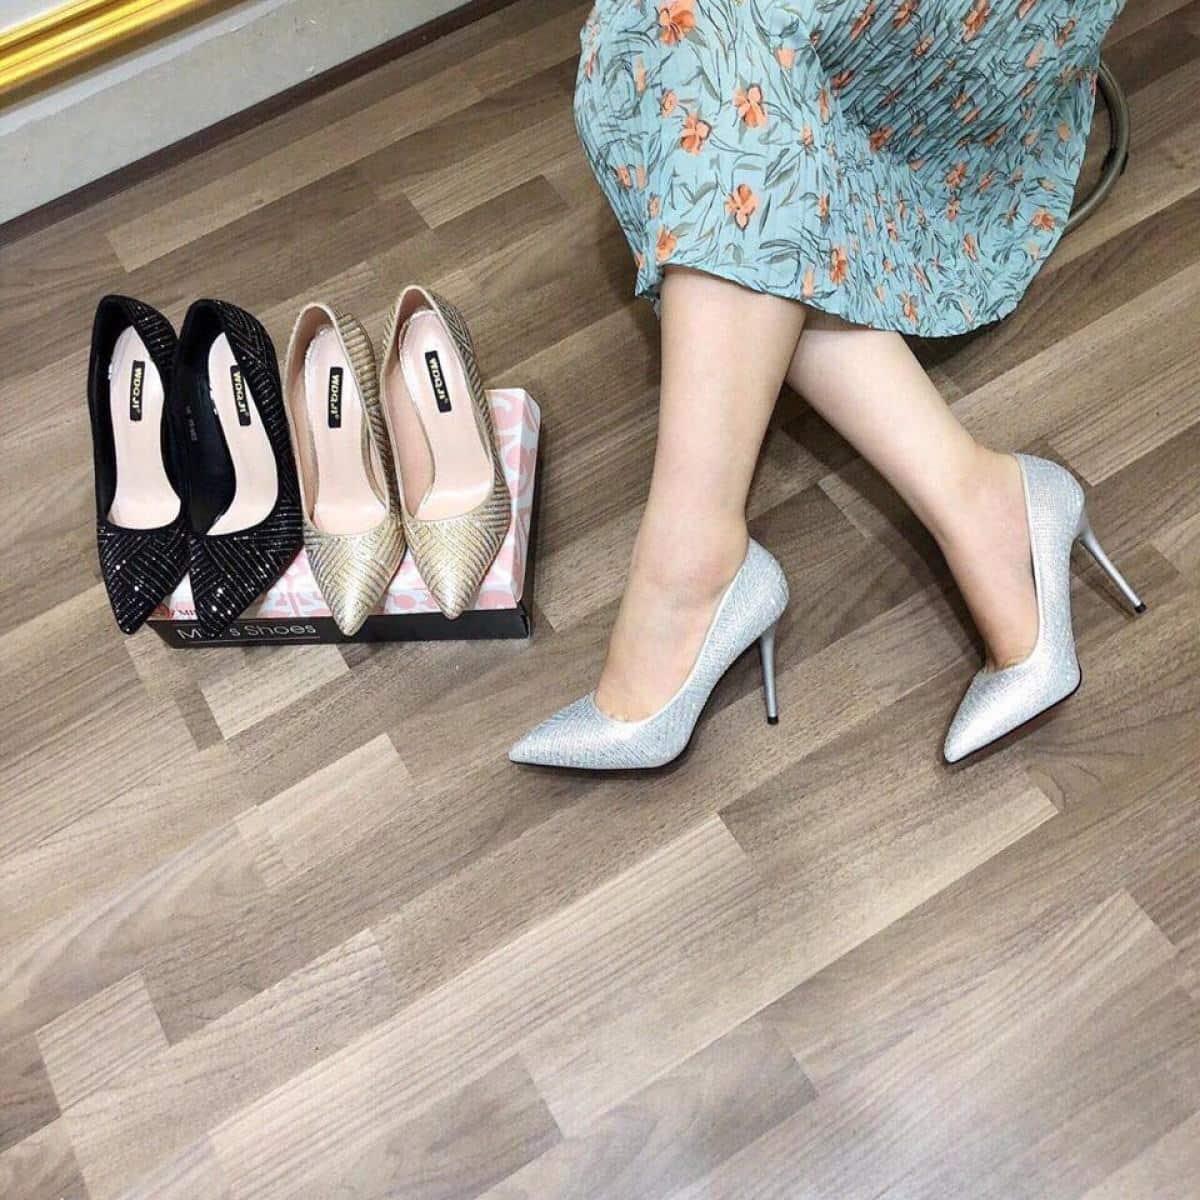 Giày nữ hàng hiệu tại Kiên Giang uy tín